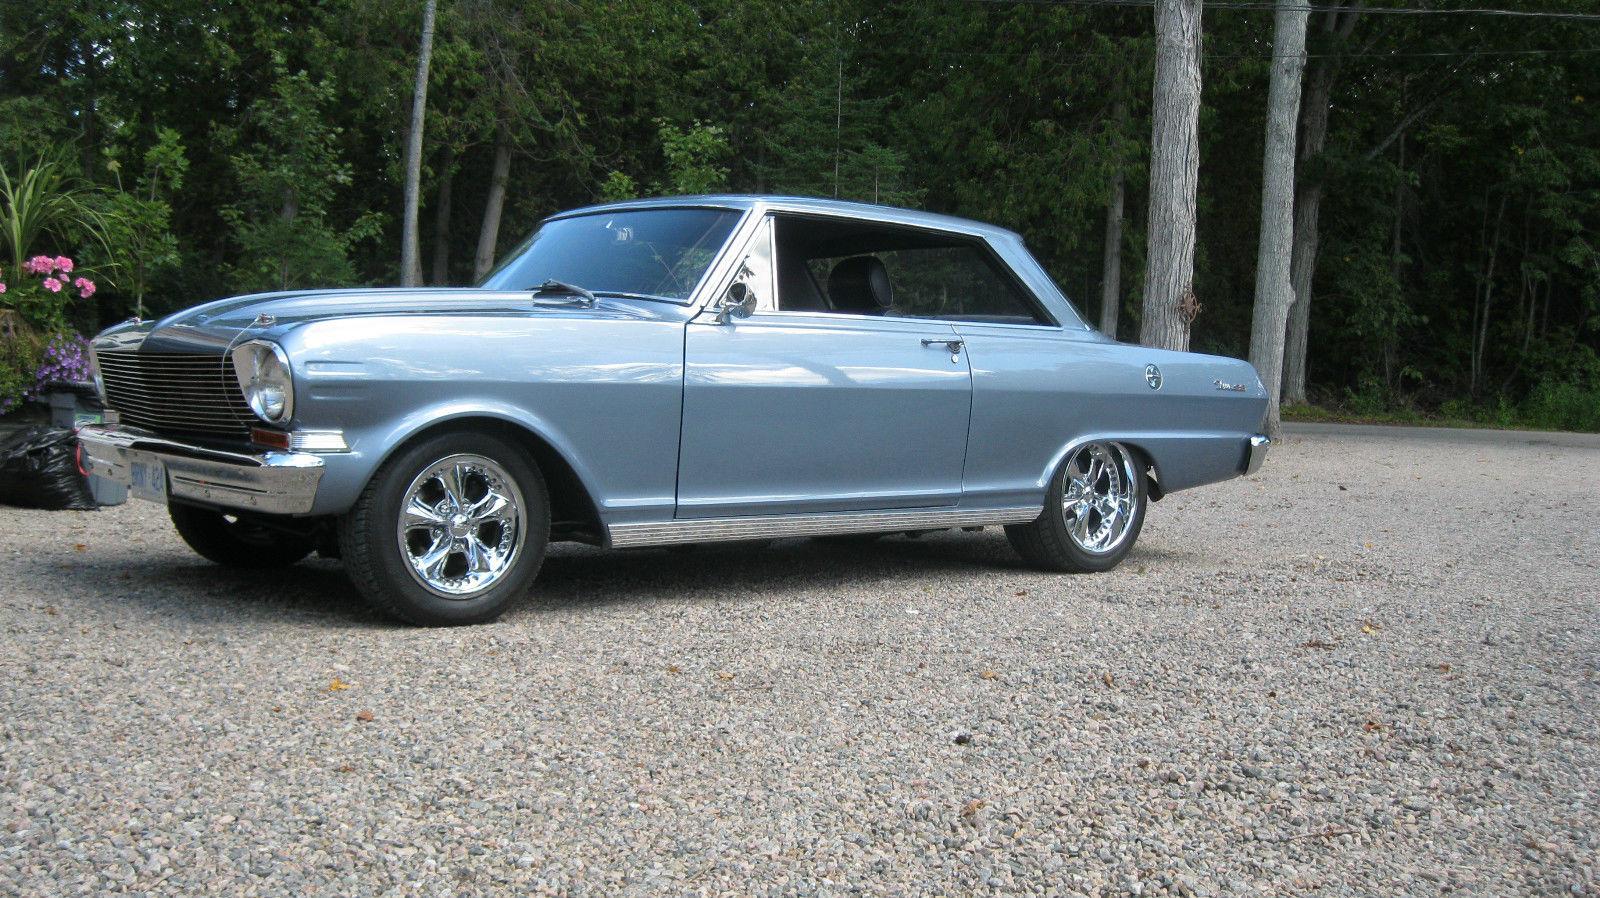 1963 NOVA SS Z06 For Sale In Pickering Ontario Canada